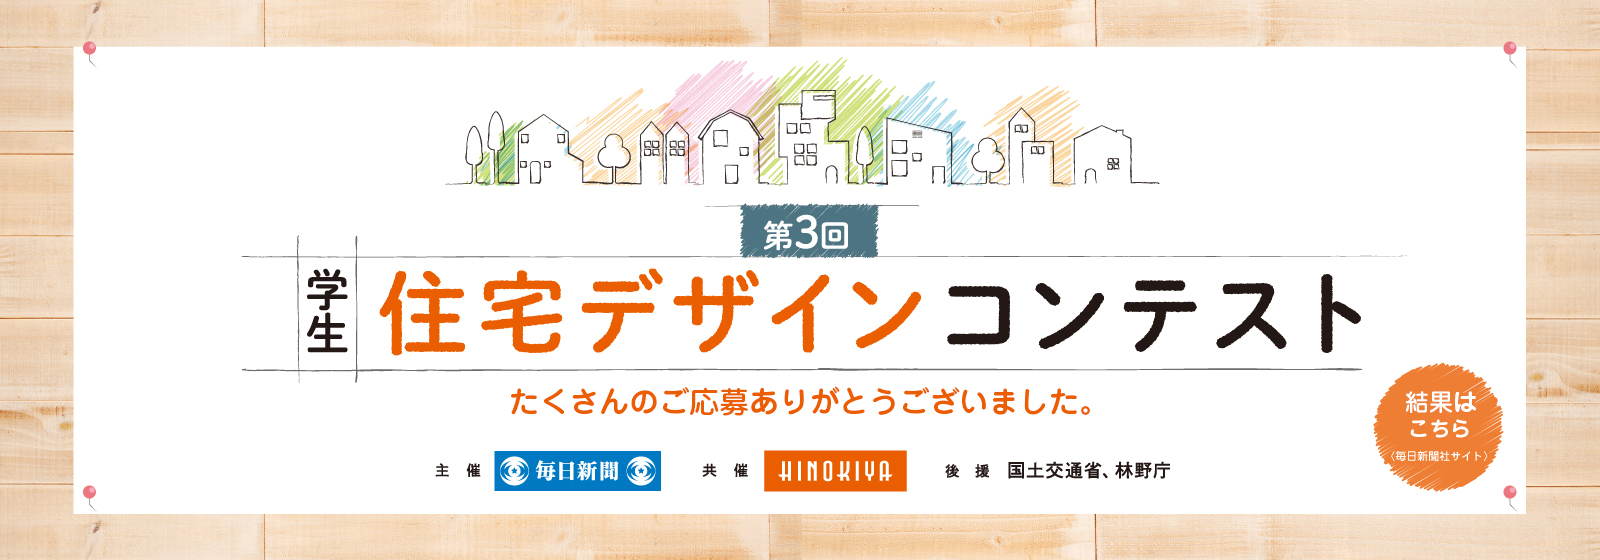 学生住宅デザインコンテスト